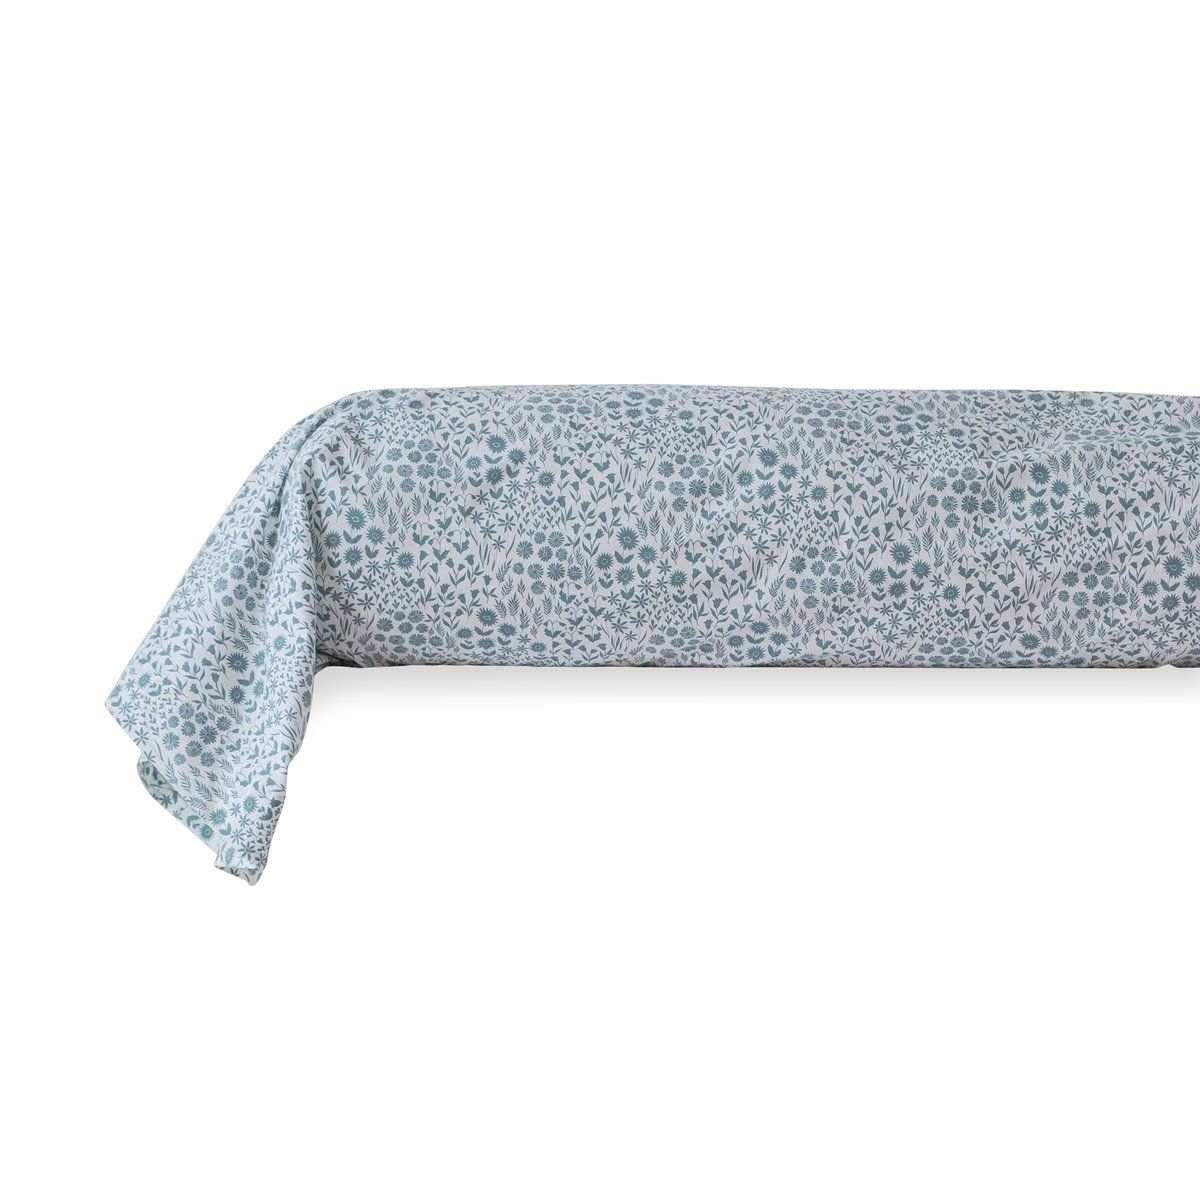 Taie de Traversin percale de coton 80 fils - Prairie | Linge de lit imprimé | Tradition des Vosges